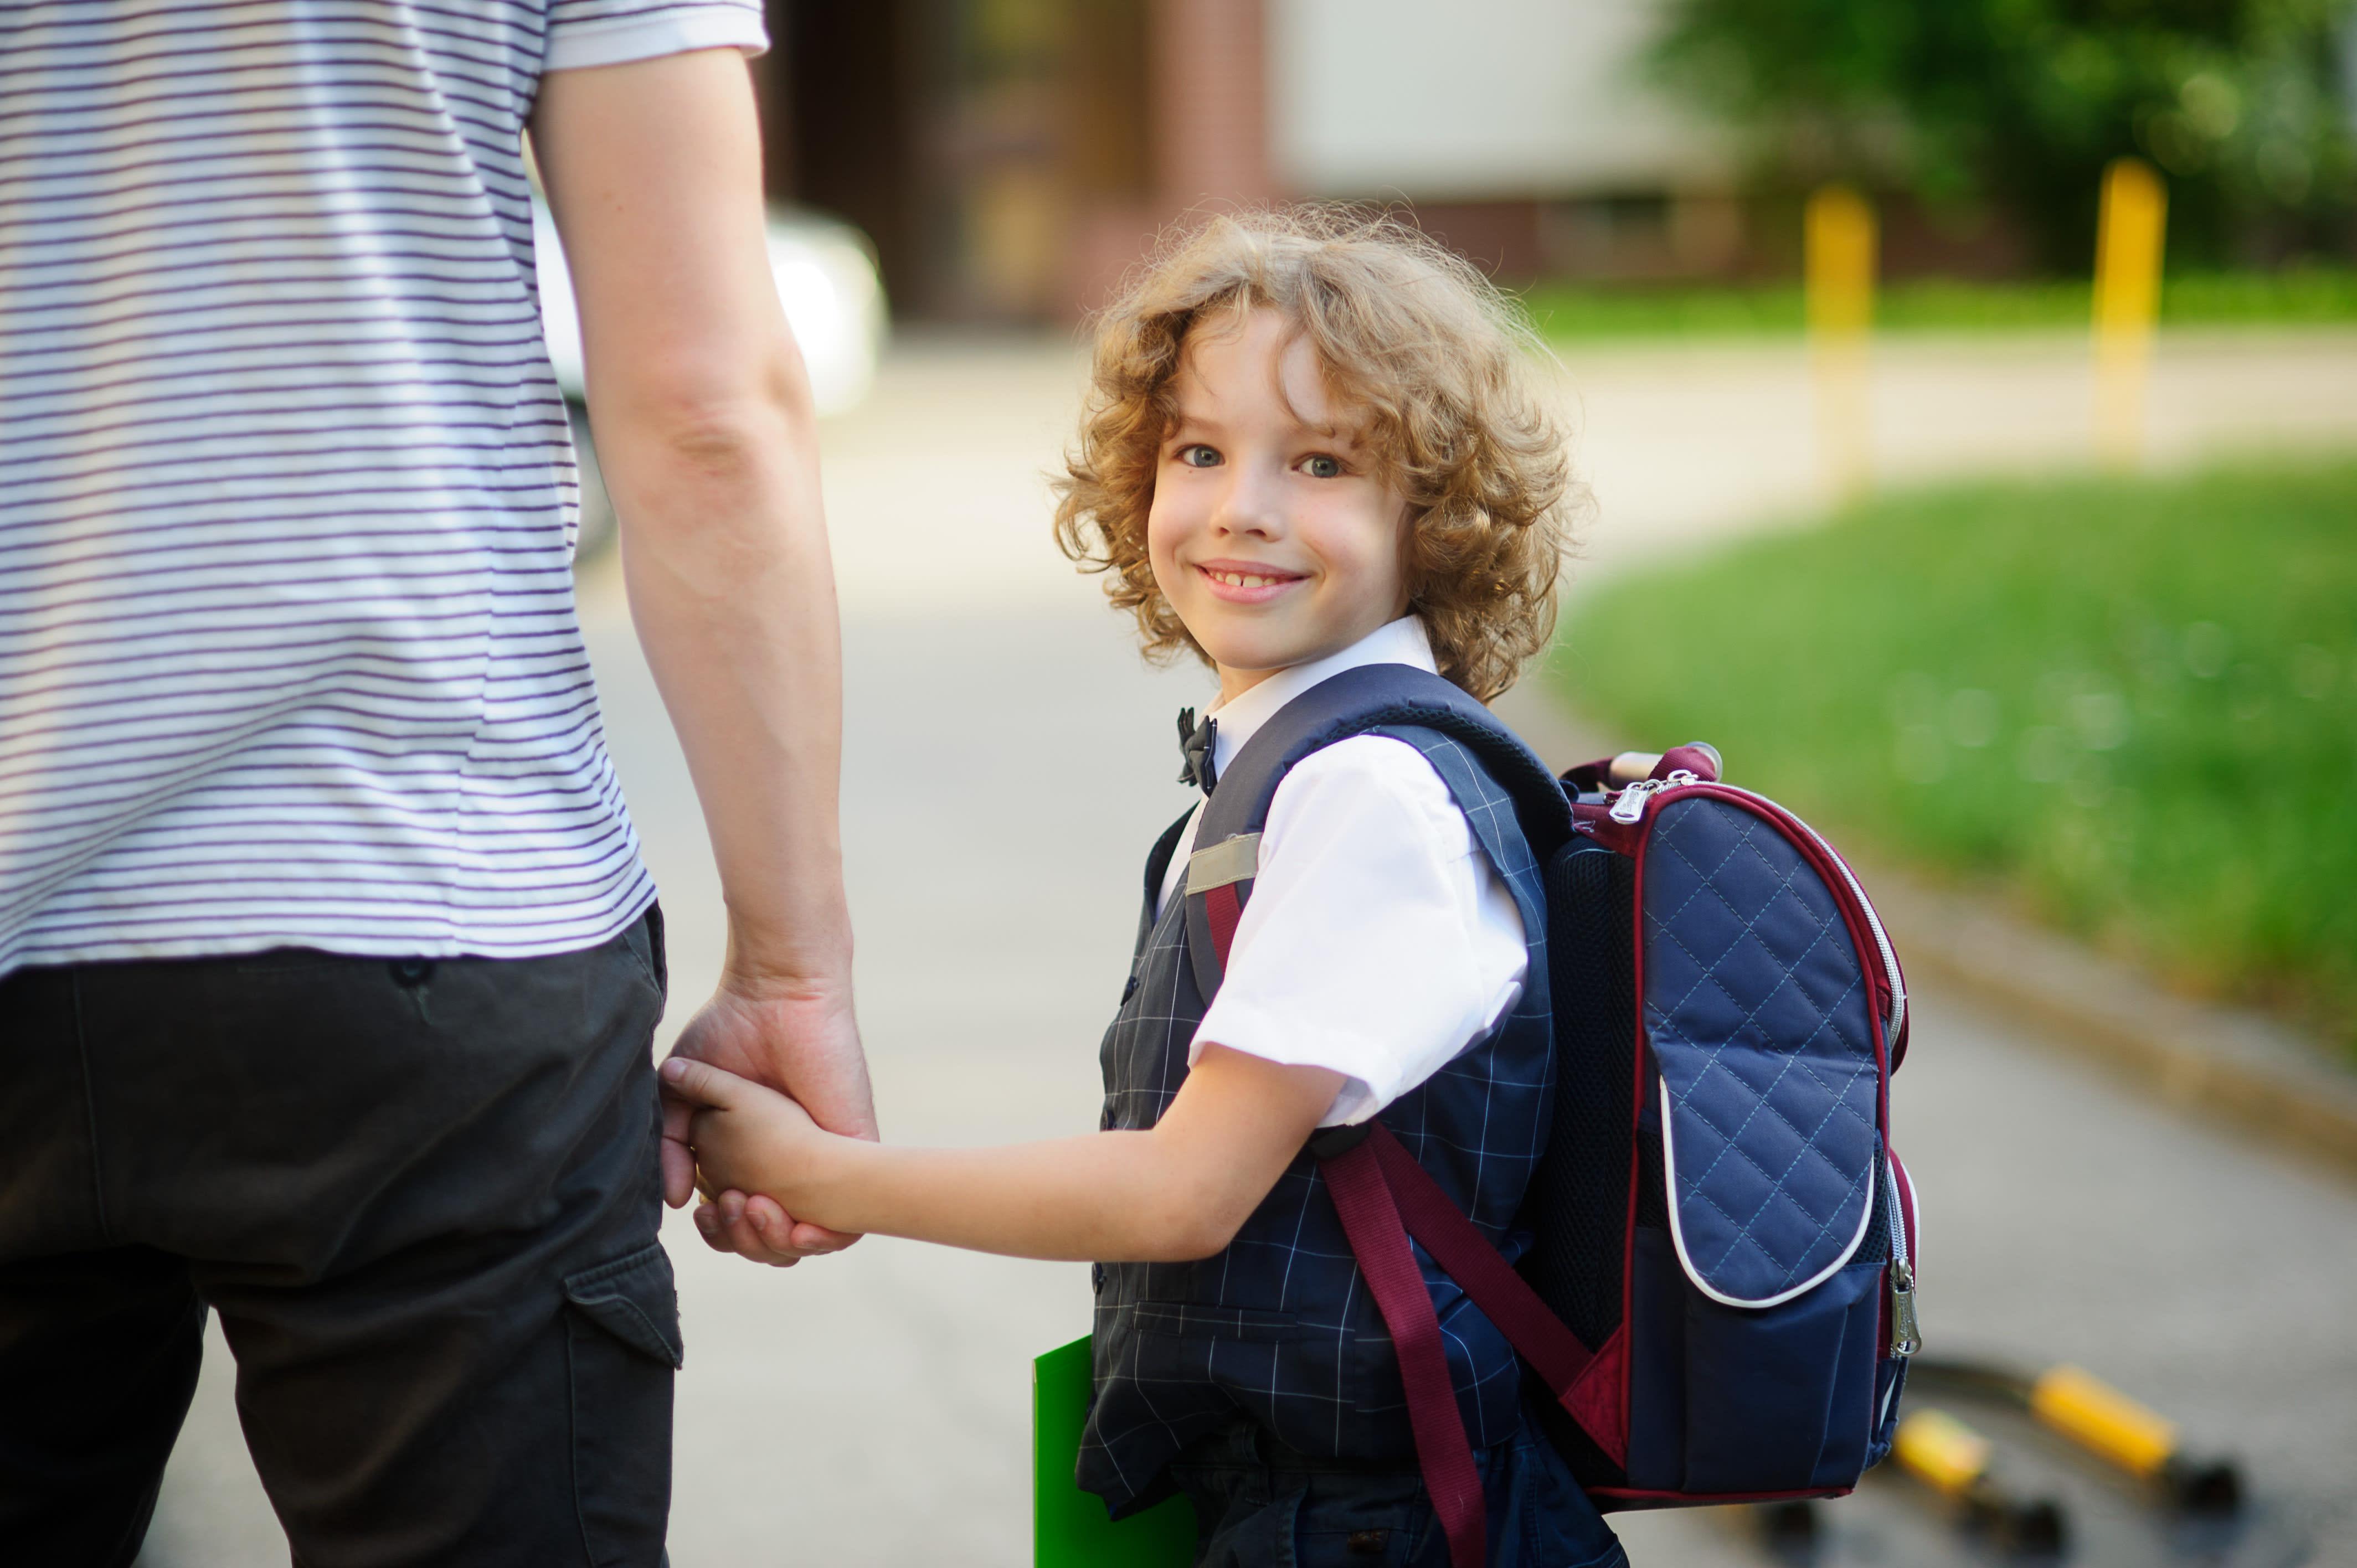 Primer día de kinder: Cómo preparar a tu pequeño